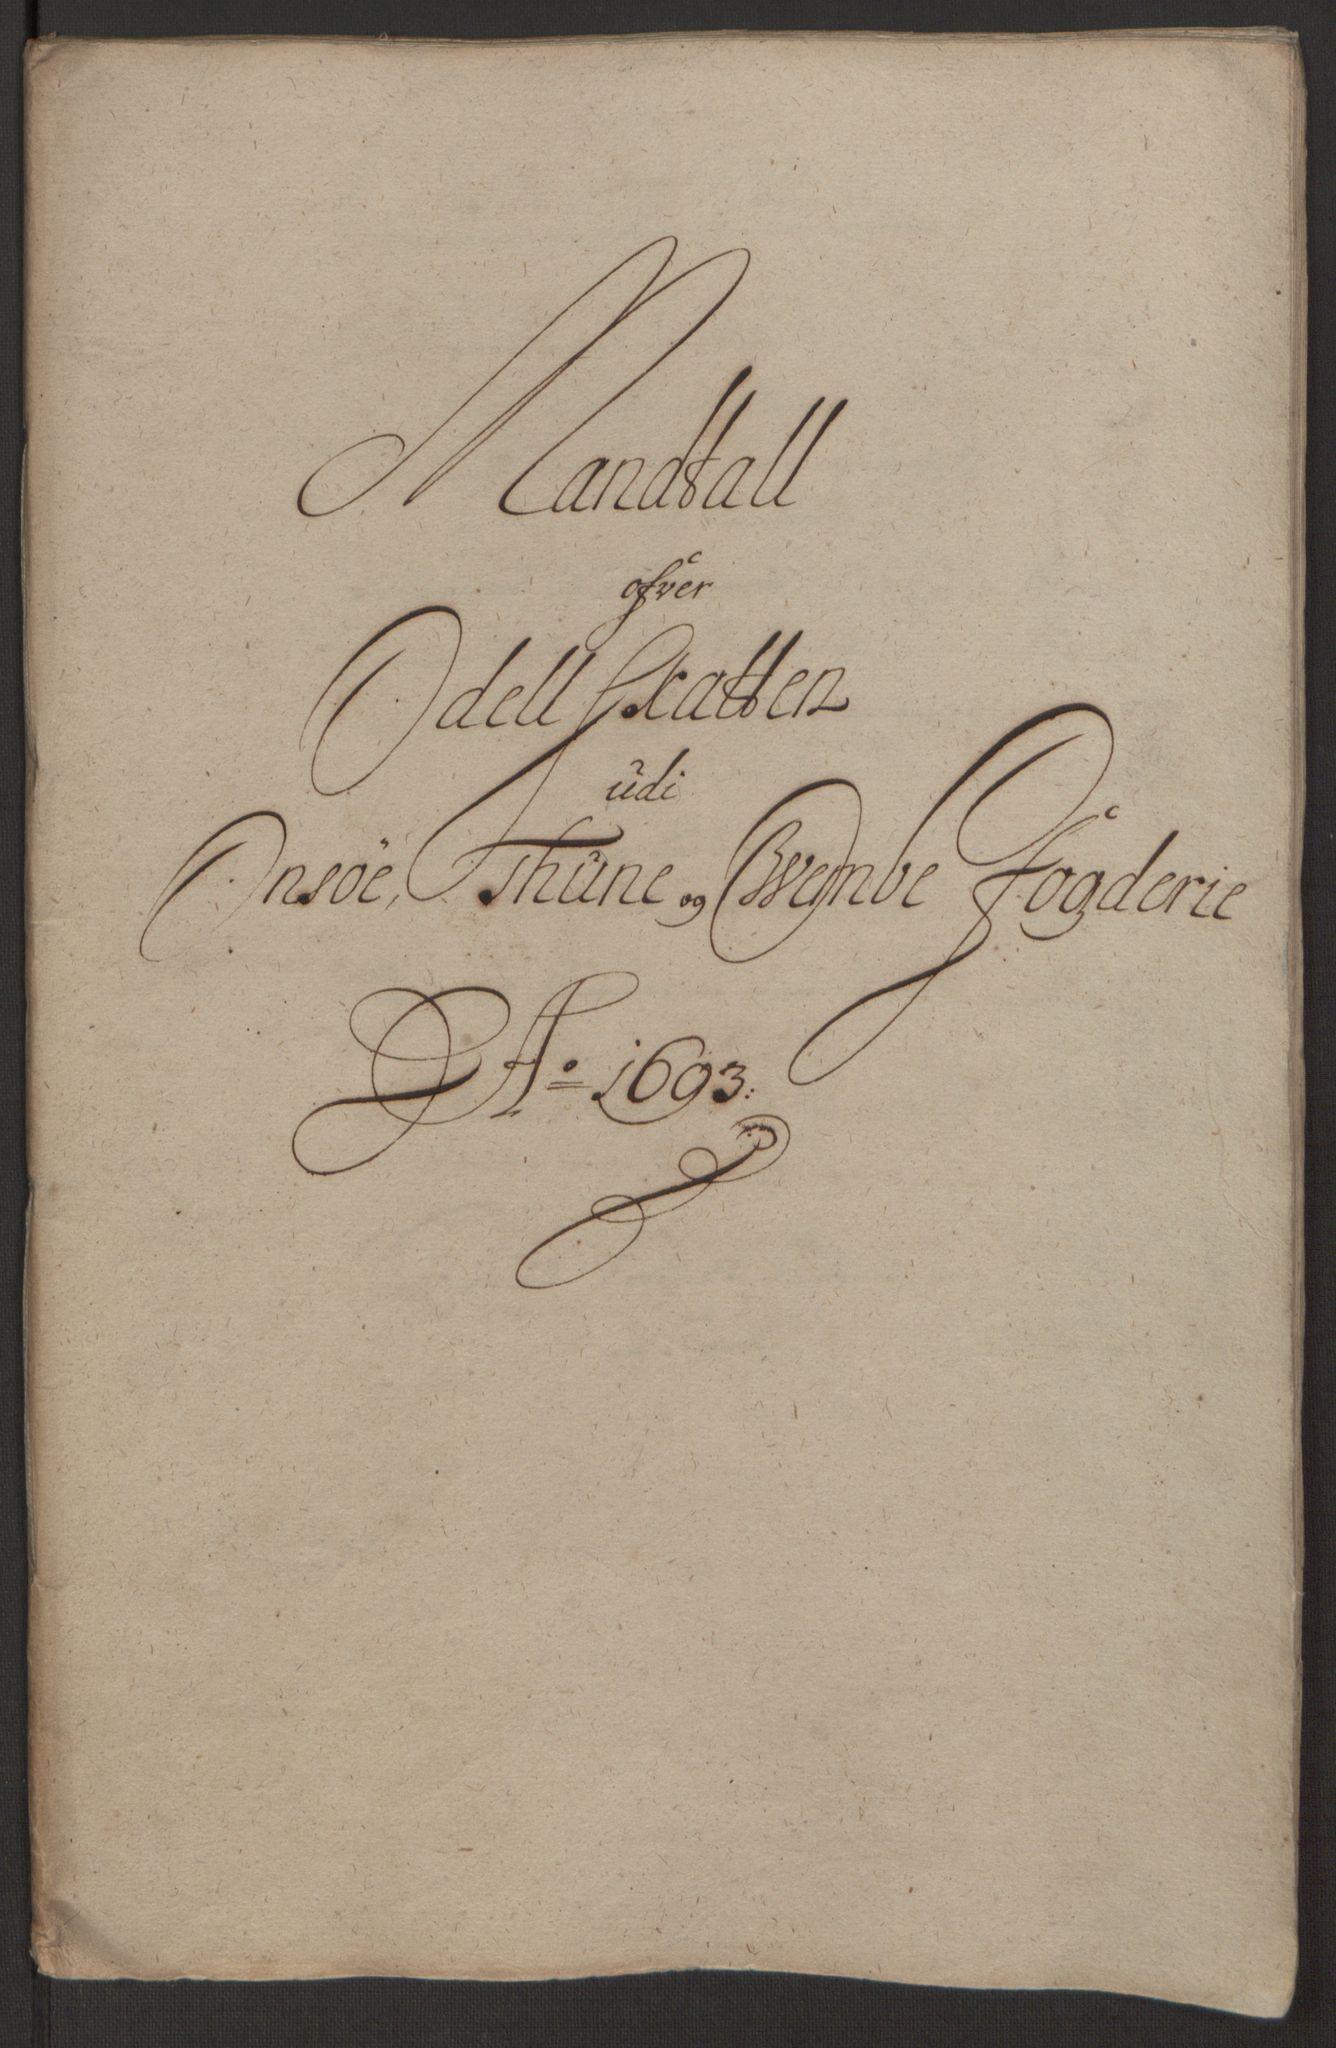 RA, Rentekammeret inntil 1814, Reviderte regnskaper, Fogderegnskap, R03/L0120: Fogderegnskap Onsøy, Tune, Veme og Åbygge fogderi, 1692-1693, s. 343